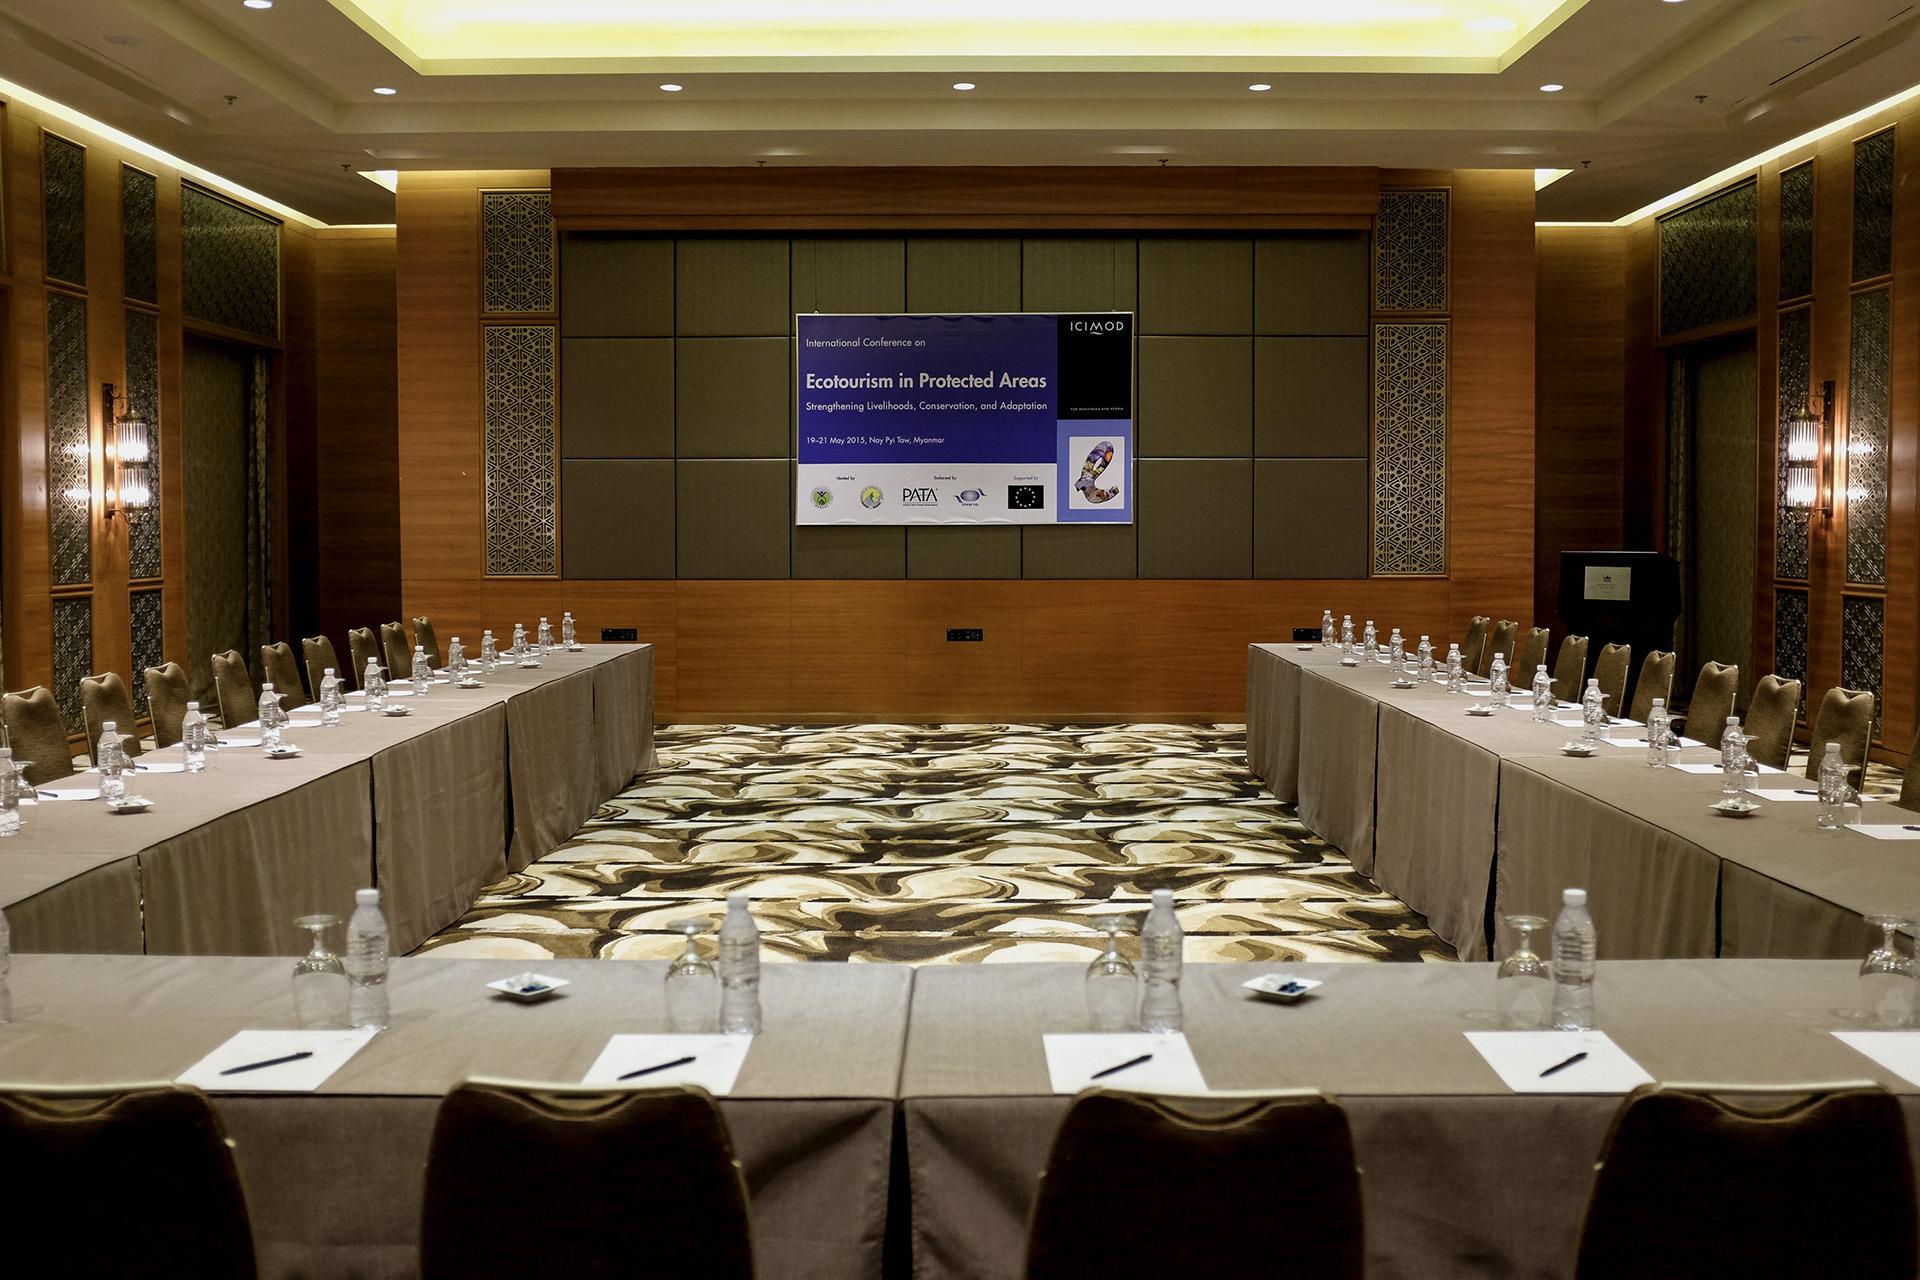 Selon le manager de l'hotel Kampinski, la ville se donne les moyens de devenir une destination de référence pour les business men en Asie. Lui-même essaie d'accueillir des séminaires pour remplir son hotel. Naypyidaw, Birmanie. Mai 2015.